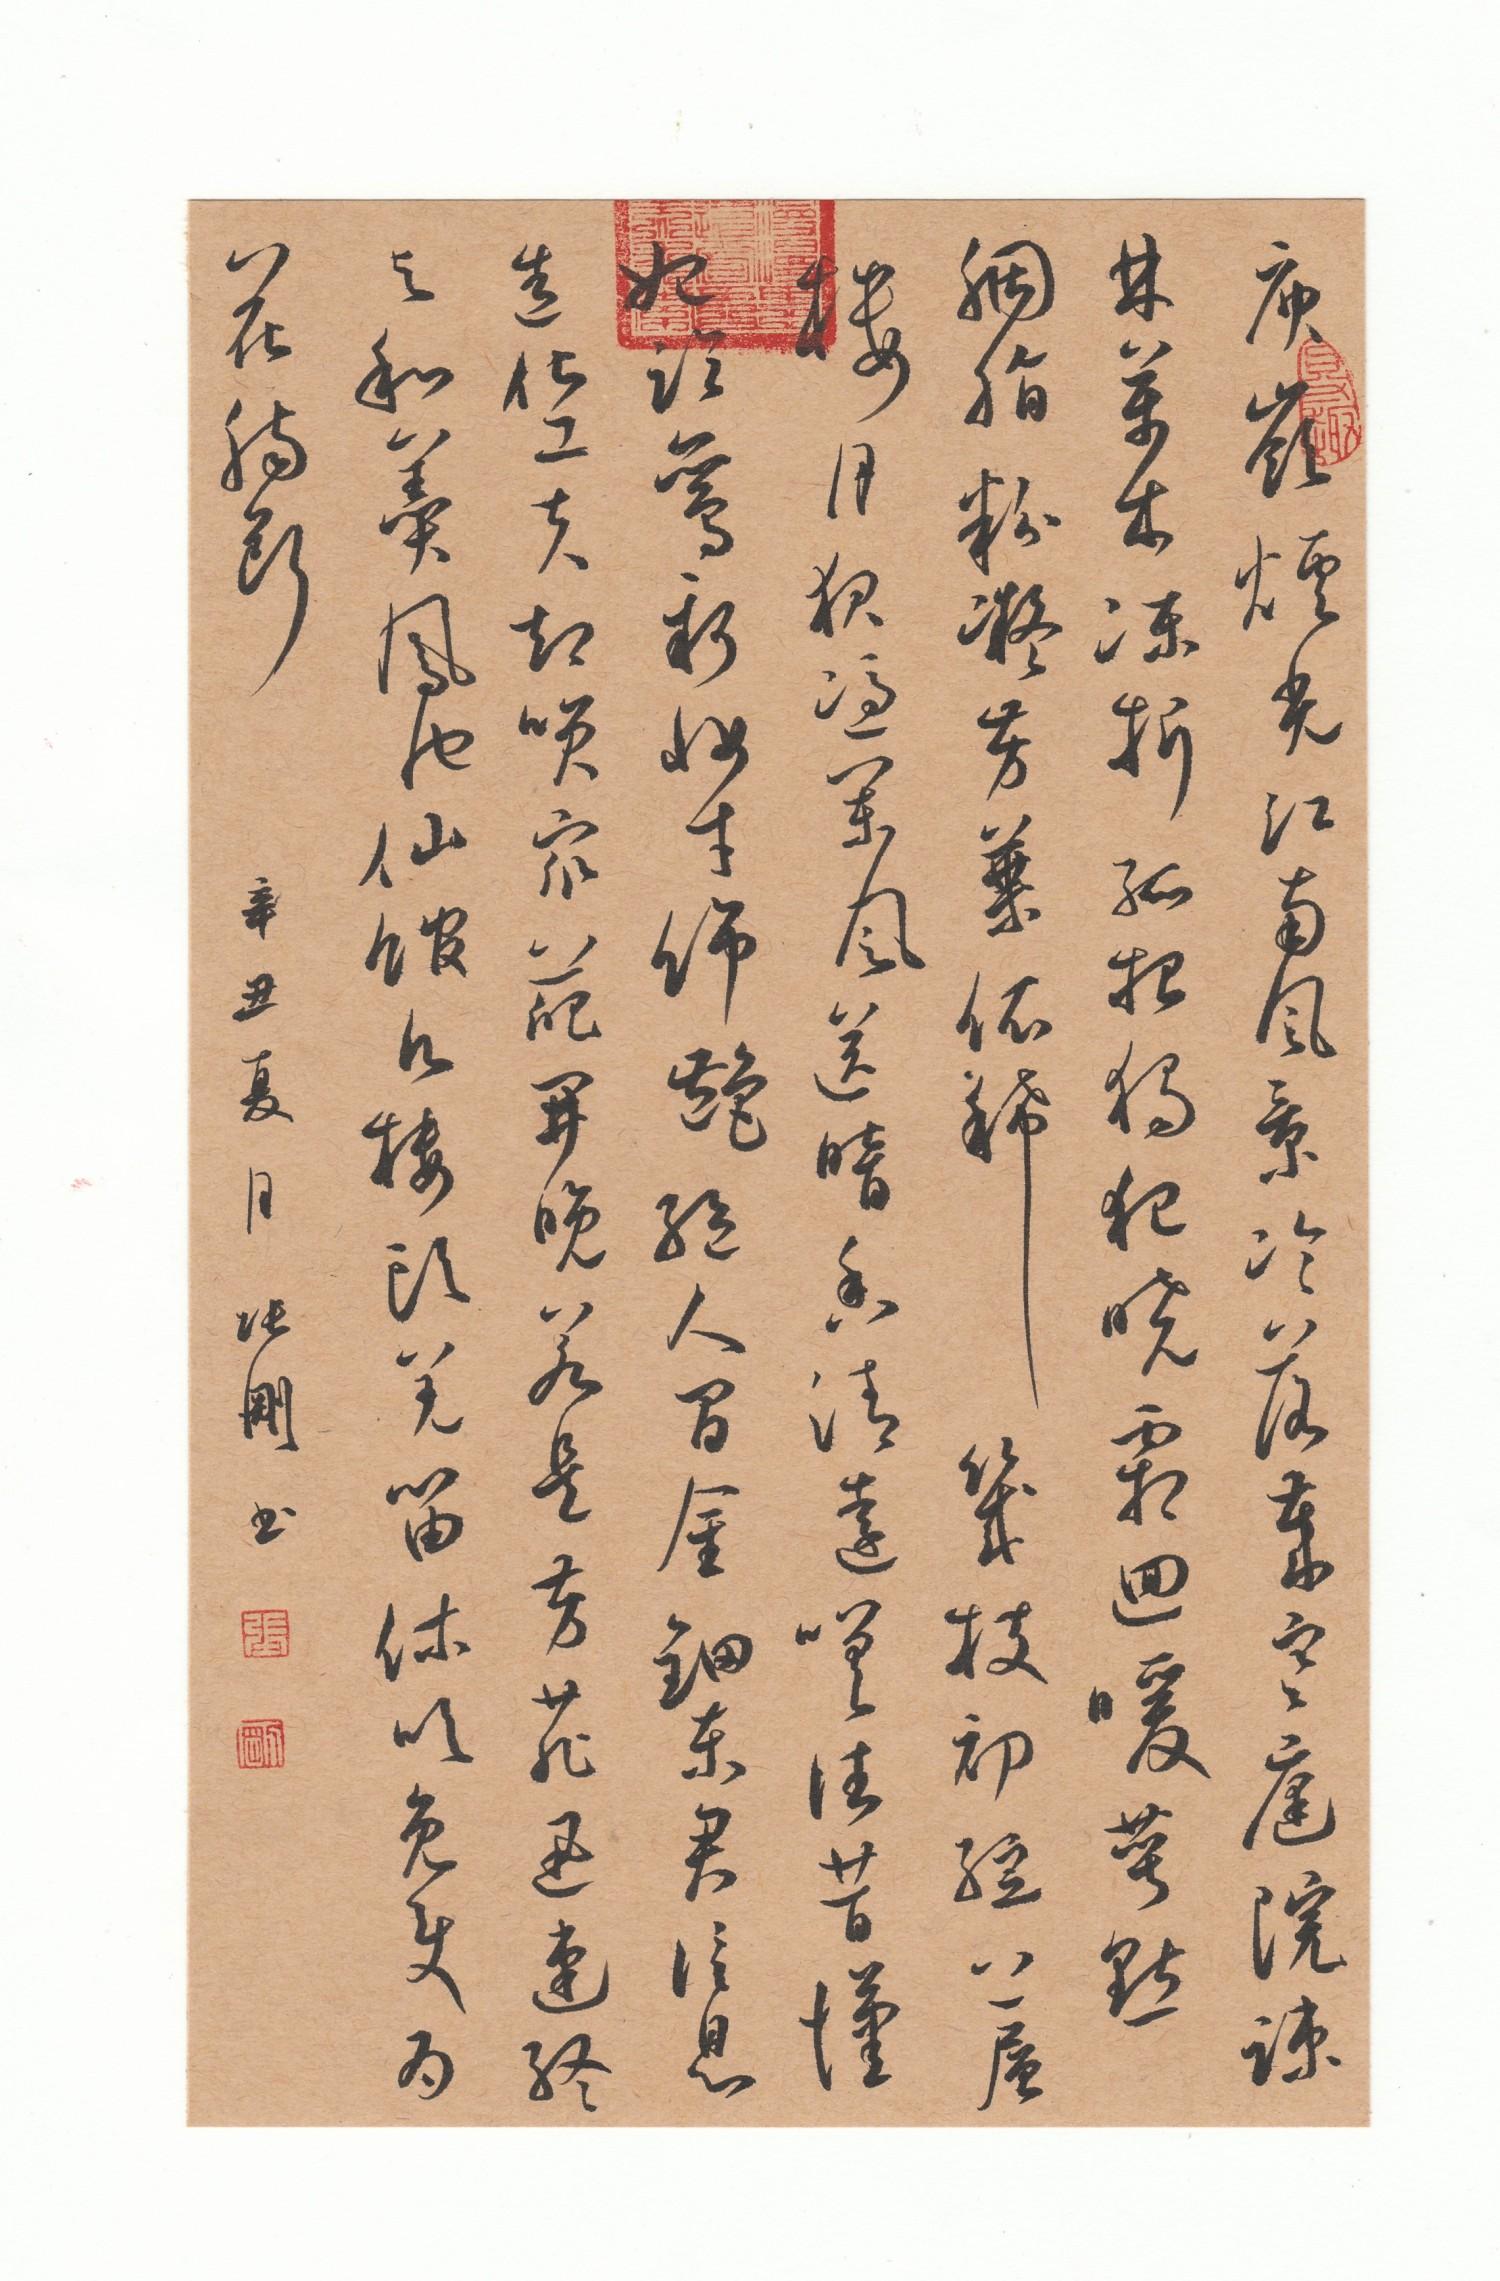 钢笔书法练字打卡20210622-06